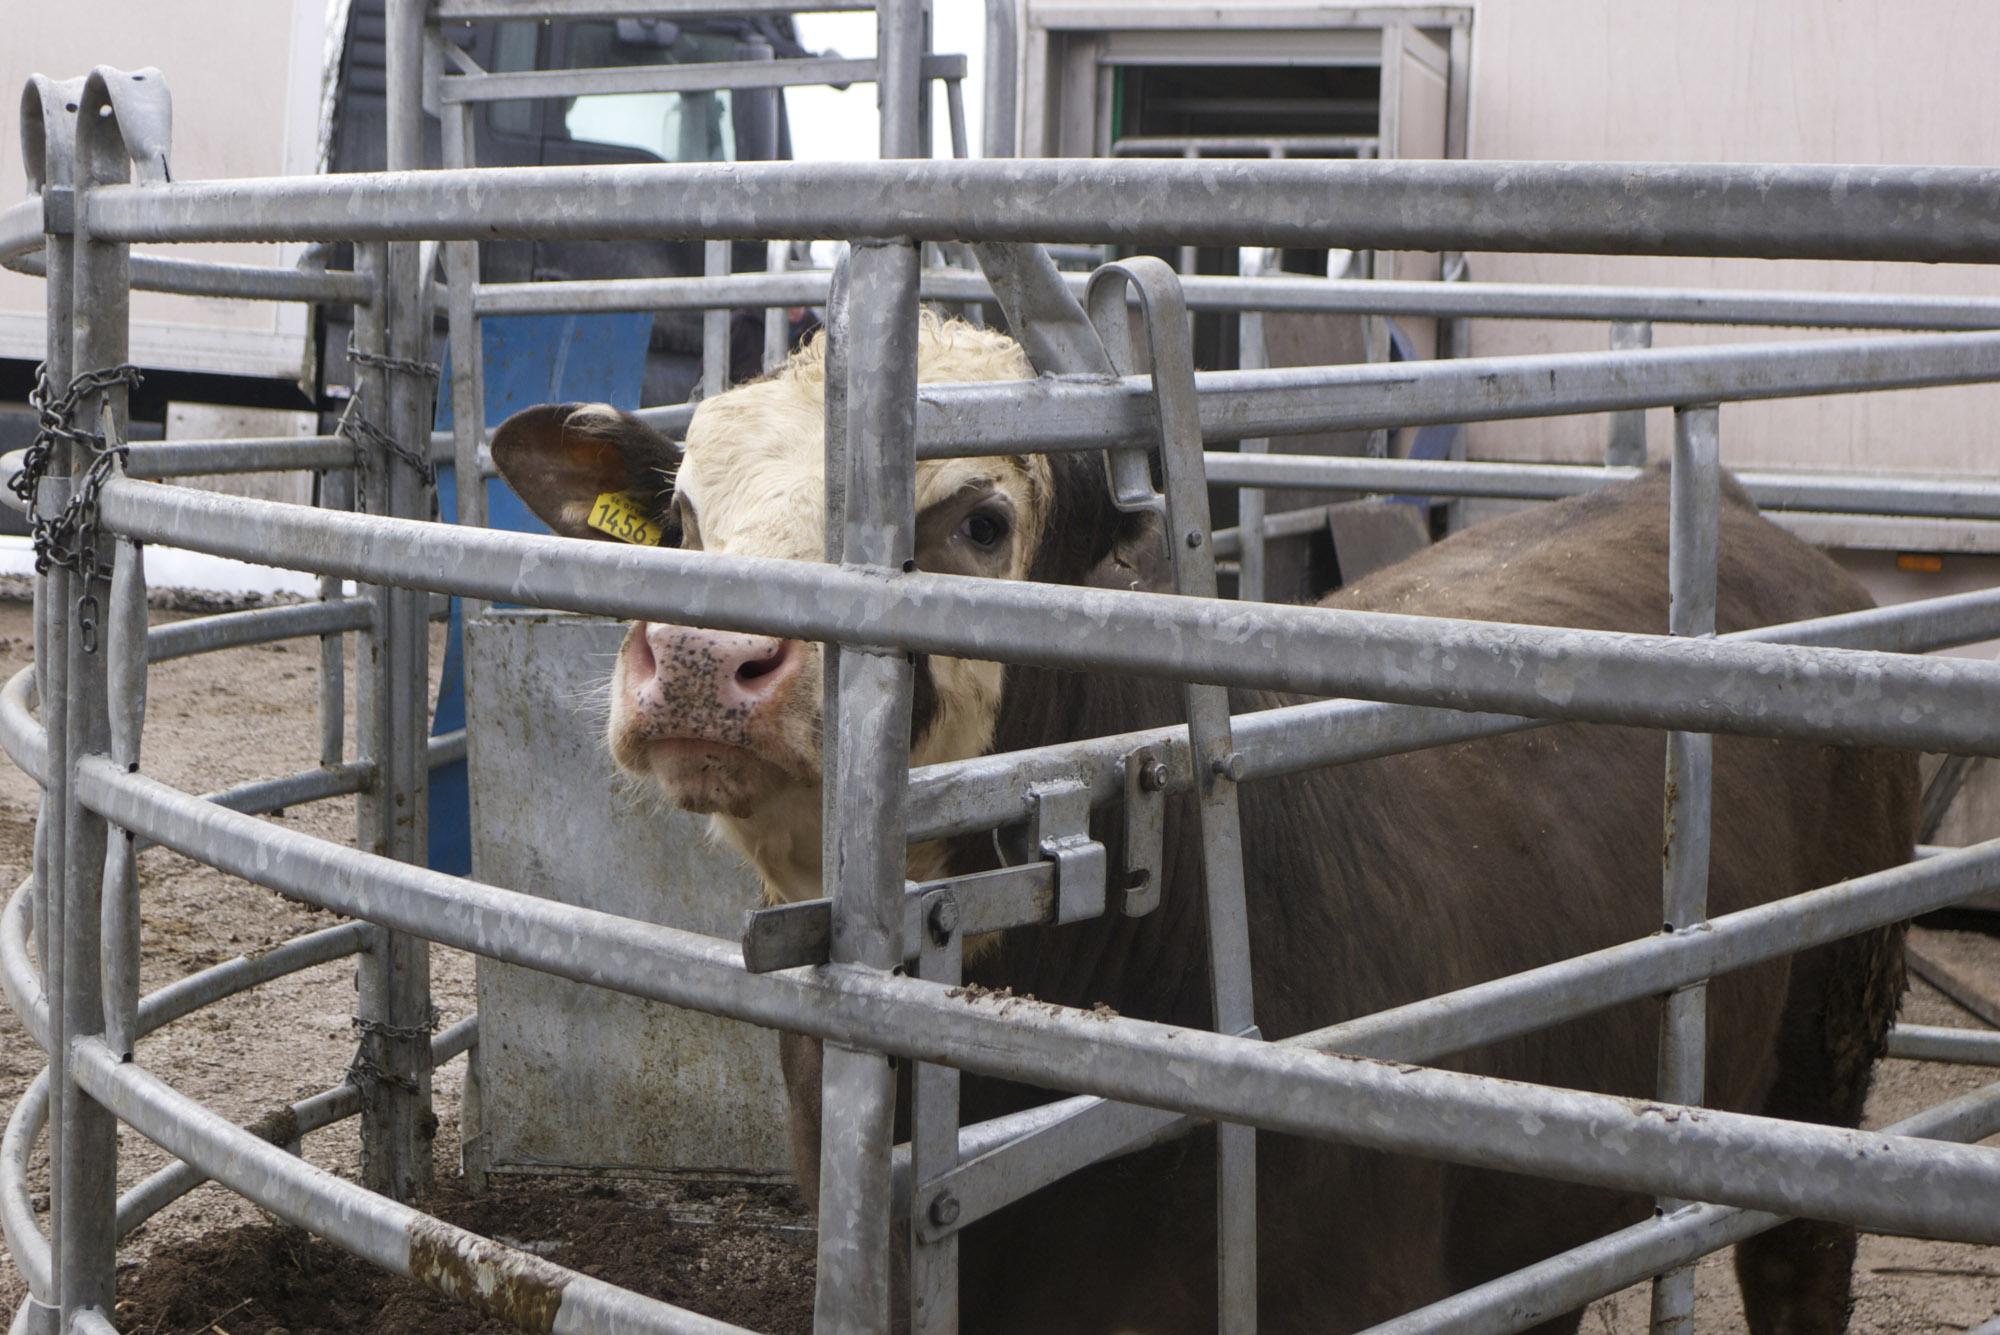 """Aux côté de leur éleveur, les bêtes sont apaisées. Elles n'attendent que quelques minutes avant d'entrer dans le compartiment arrière du camion, où elles sont étourdies. Emily est satisfaite: """"quand les vaches sont transportées à l'abattoir, elles arrivent trempées de sueur. Et ce stress augmente quand elles se retrouvent avec des centaines de vaches d'autres troupeaux qu'elles ne connaissent pas."""" (photo Charles Perragin & Margot Hemmerich/8e étage)"""